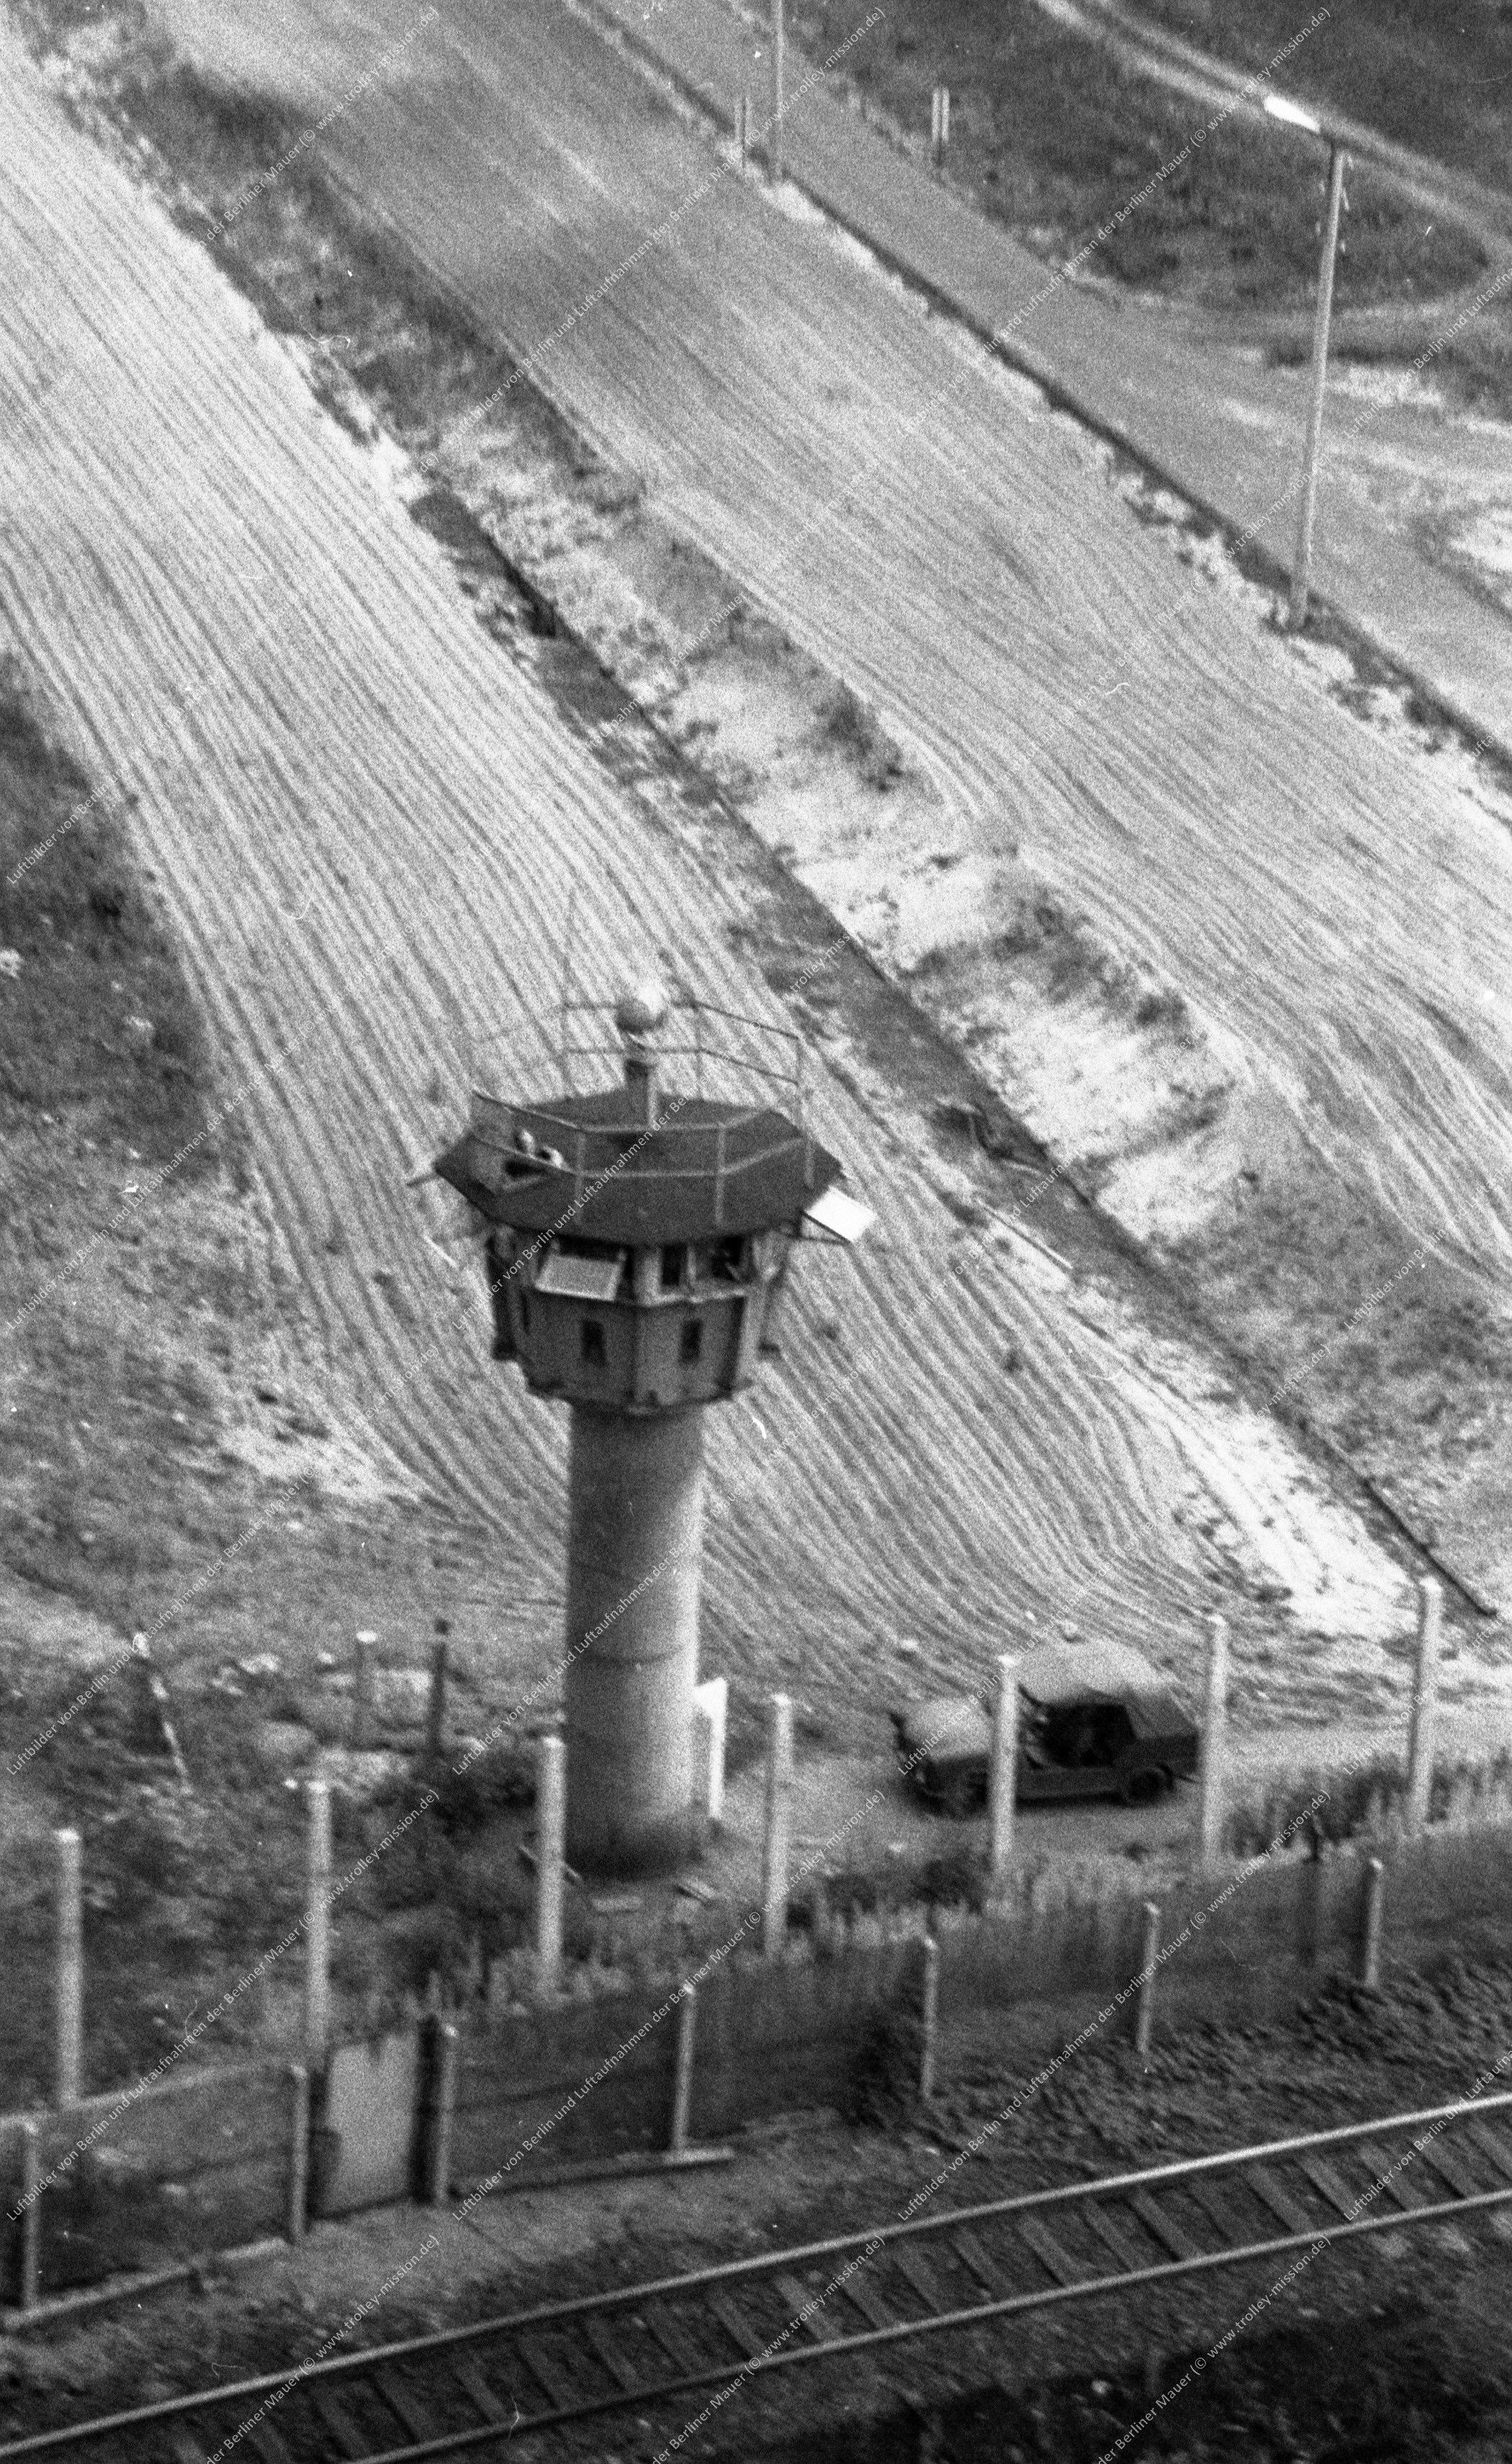 Berlin Luftaufnahme - Unbekannter Grenzturm mit Eisenbahn vom 9. März 1982 (Bild 047)